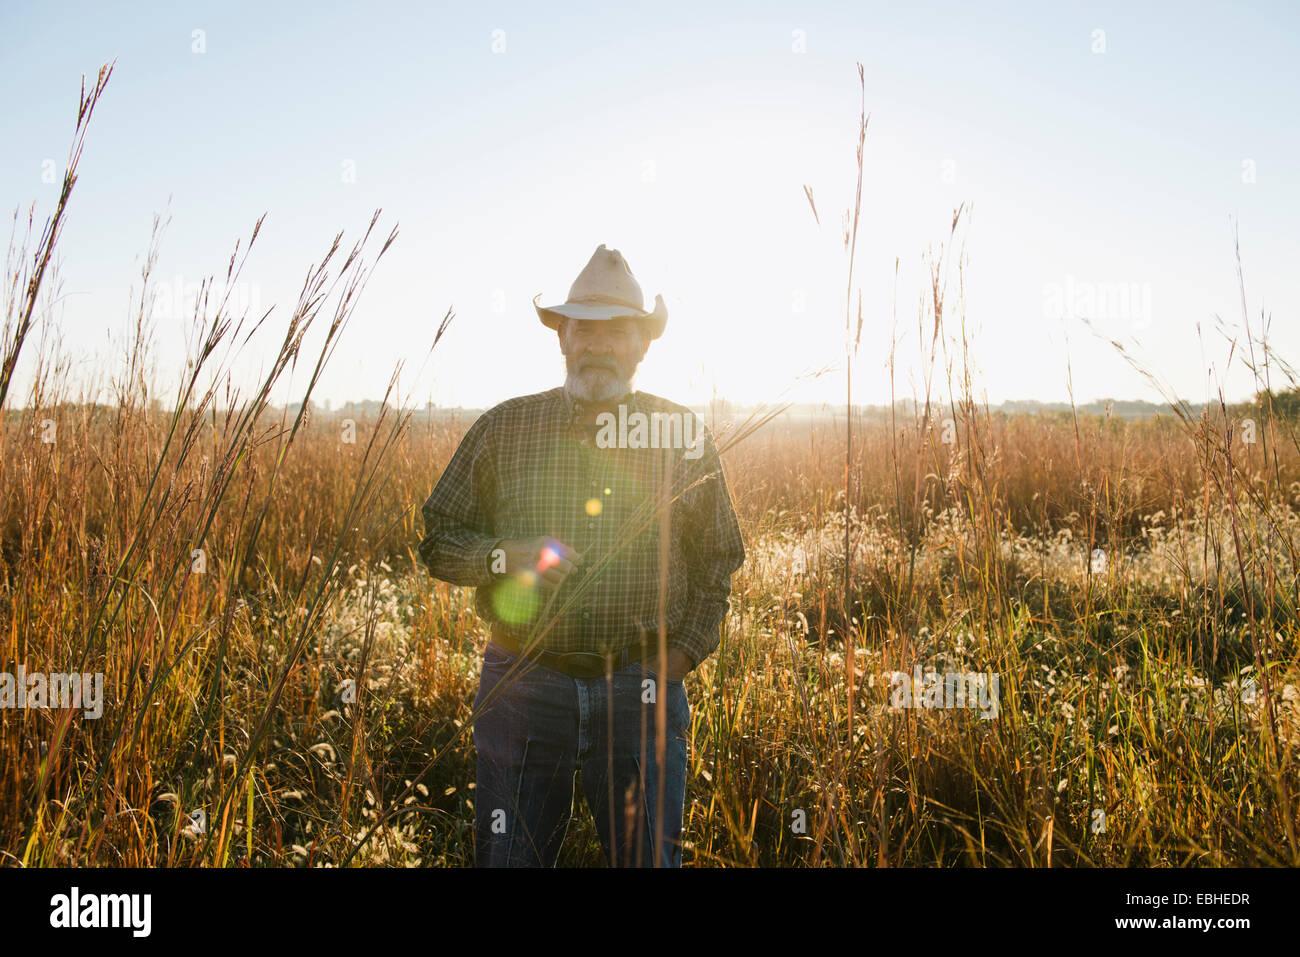 Ritratto di senior agricoltore maschio nel campo remoto, Plattsburg, Missouri, Stati Uniti d'America Immagini Stock